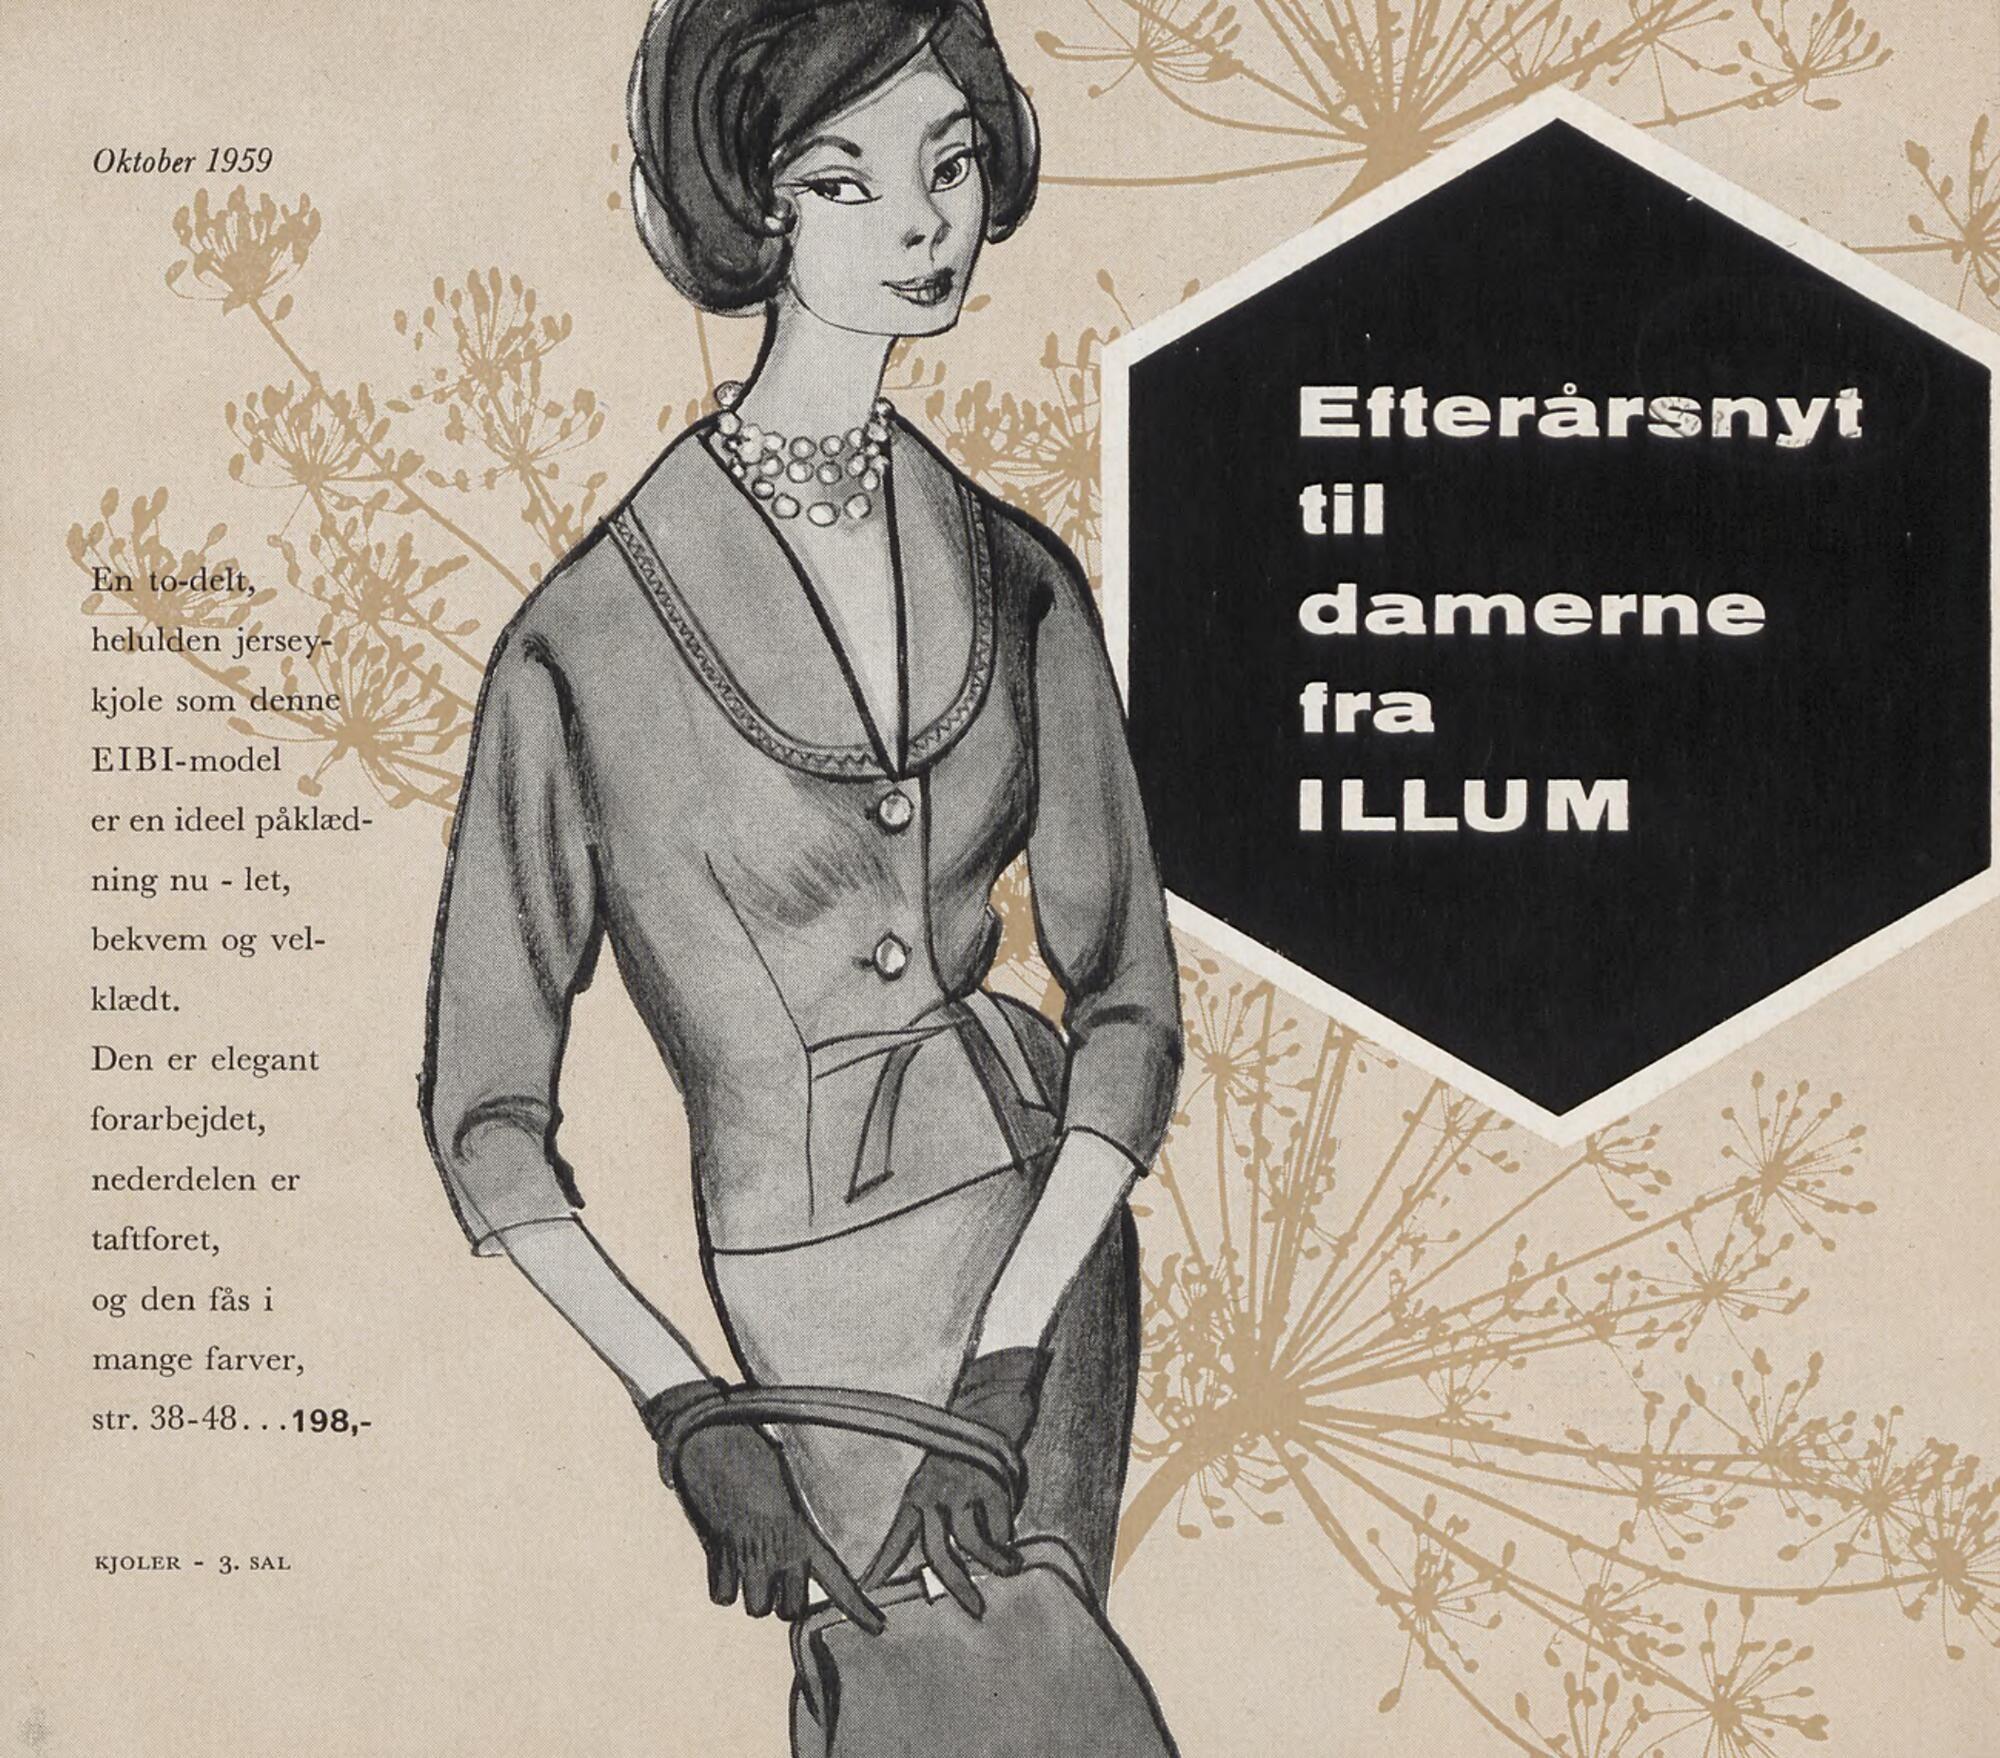 Efterårsnyt til damerne fra Illum, Denmark 1959